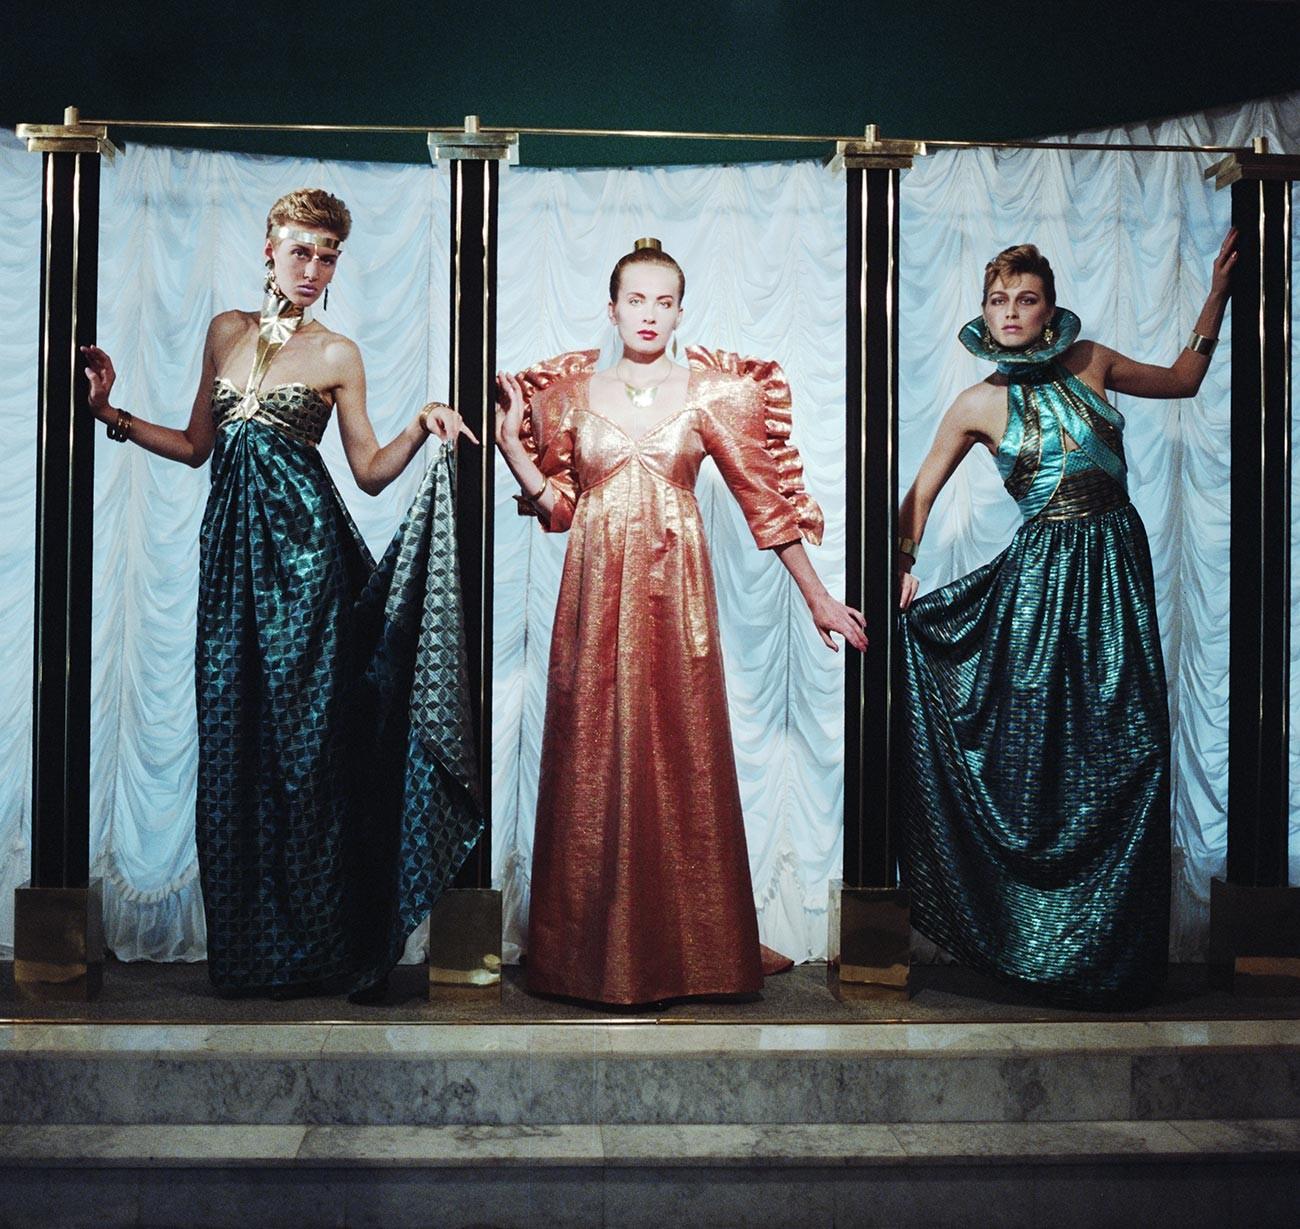 Дом моды на Арбате. 1989. Вечерние платья из цветной парчи